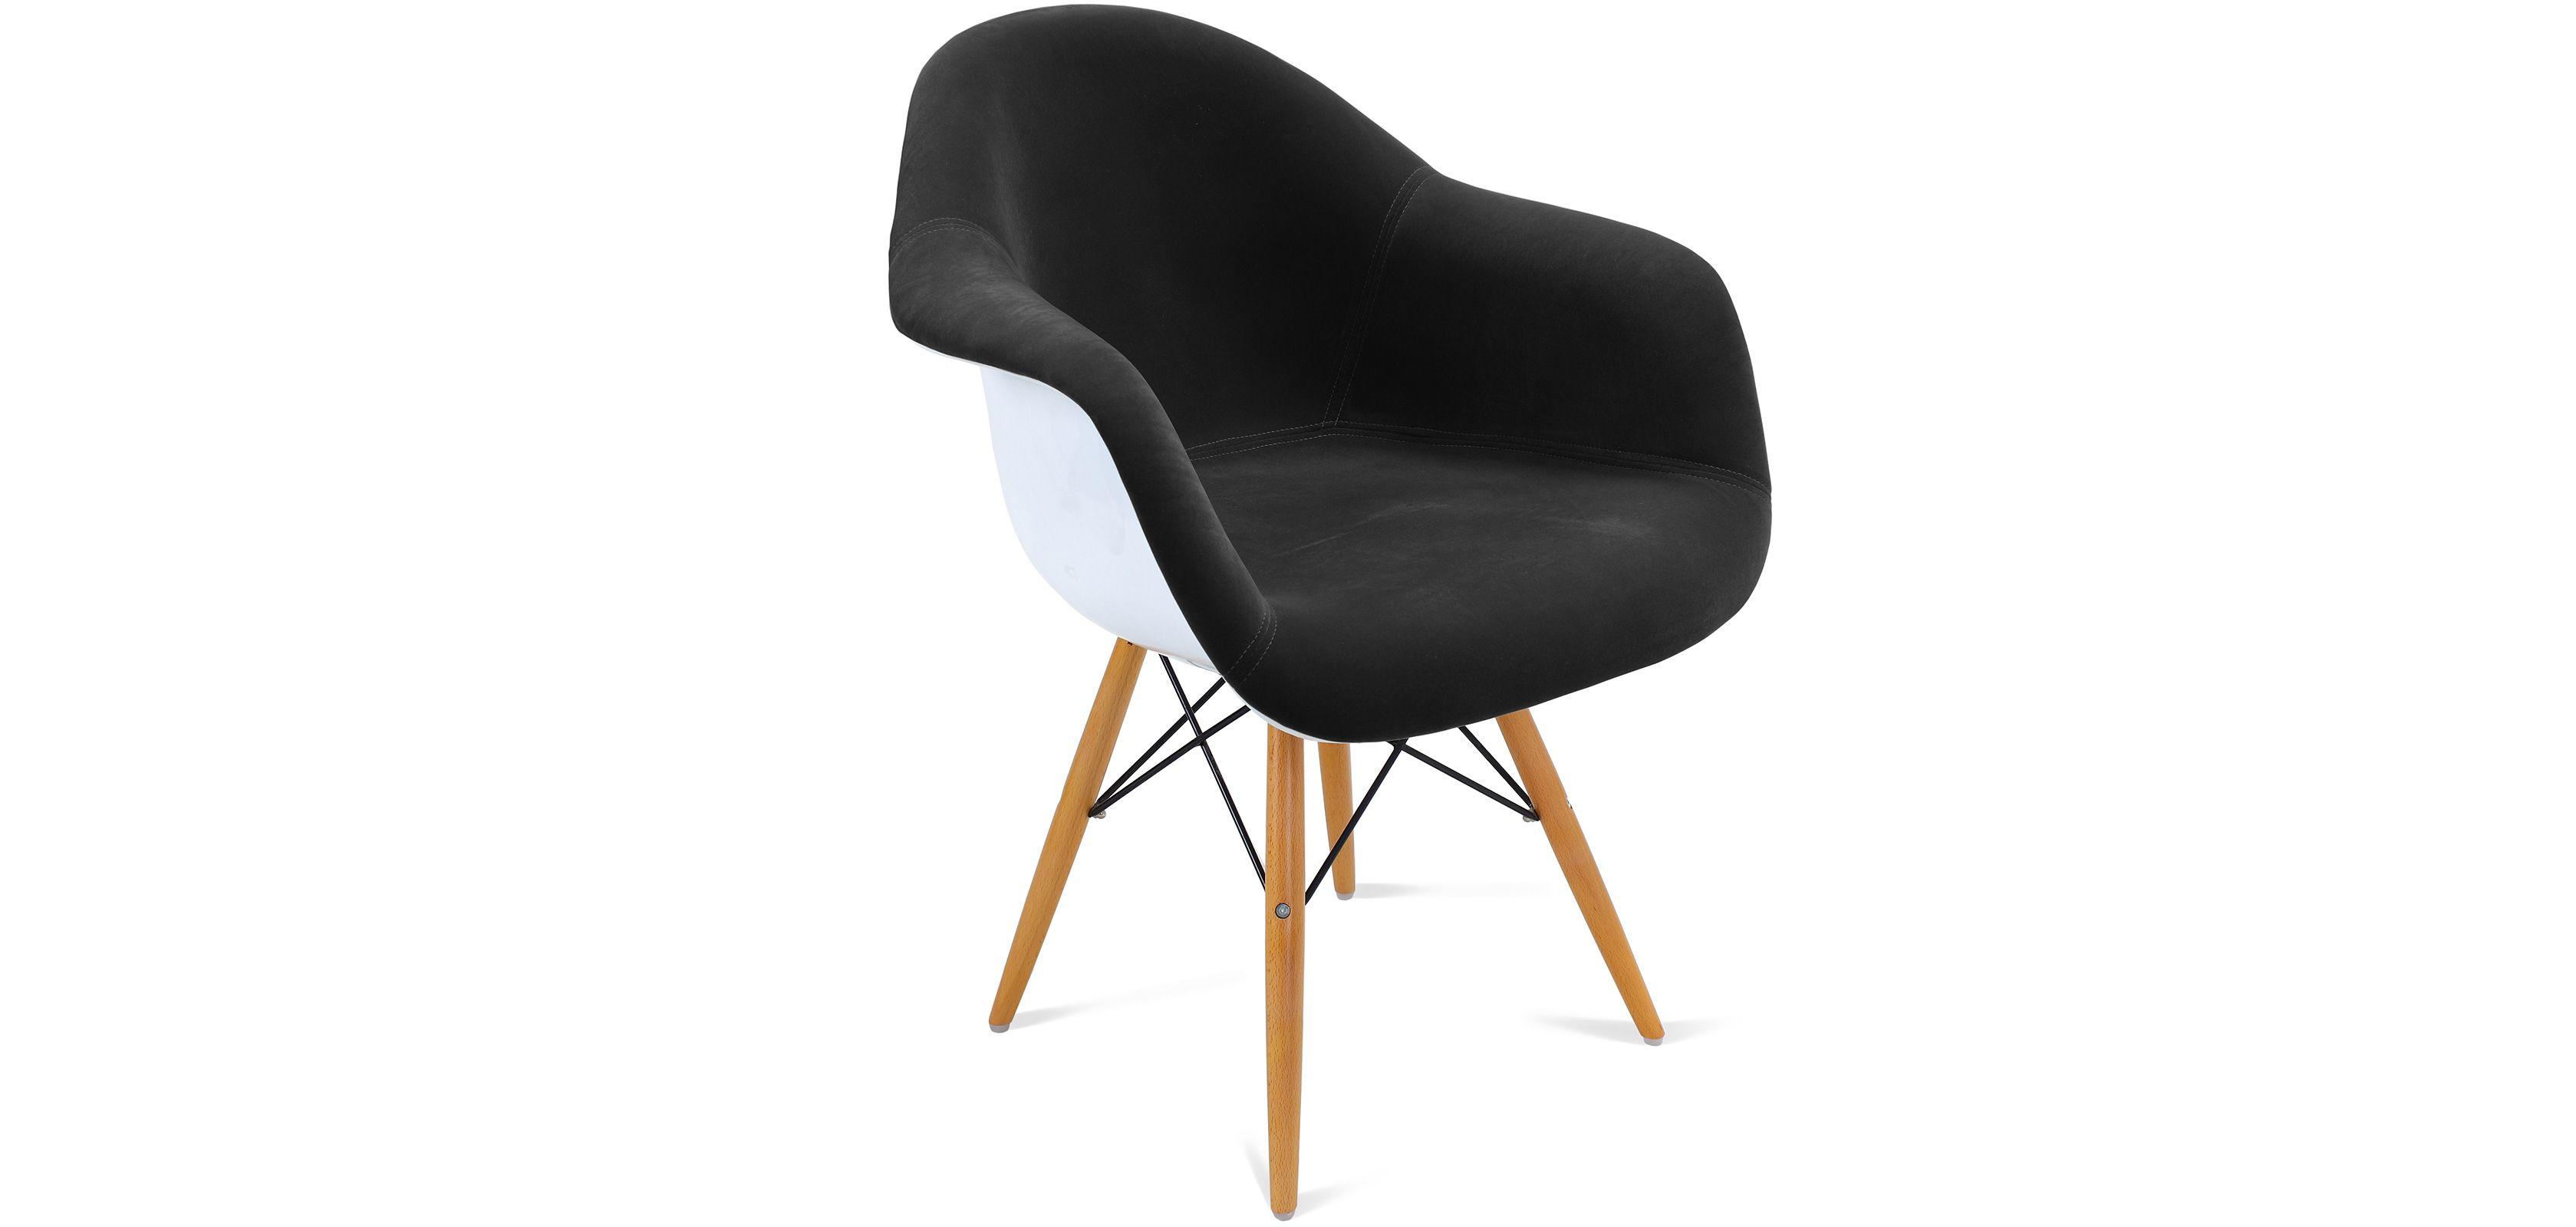 Chaise DAW inspirée Charles Eames - Tissu - Coque blanche | DECO ...